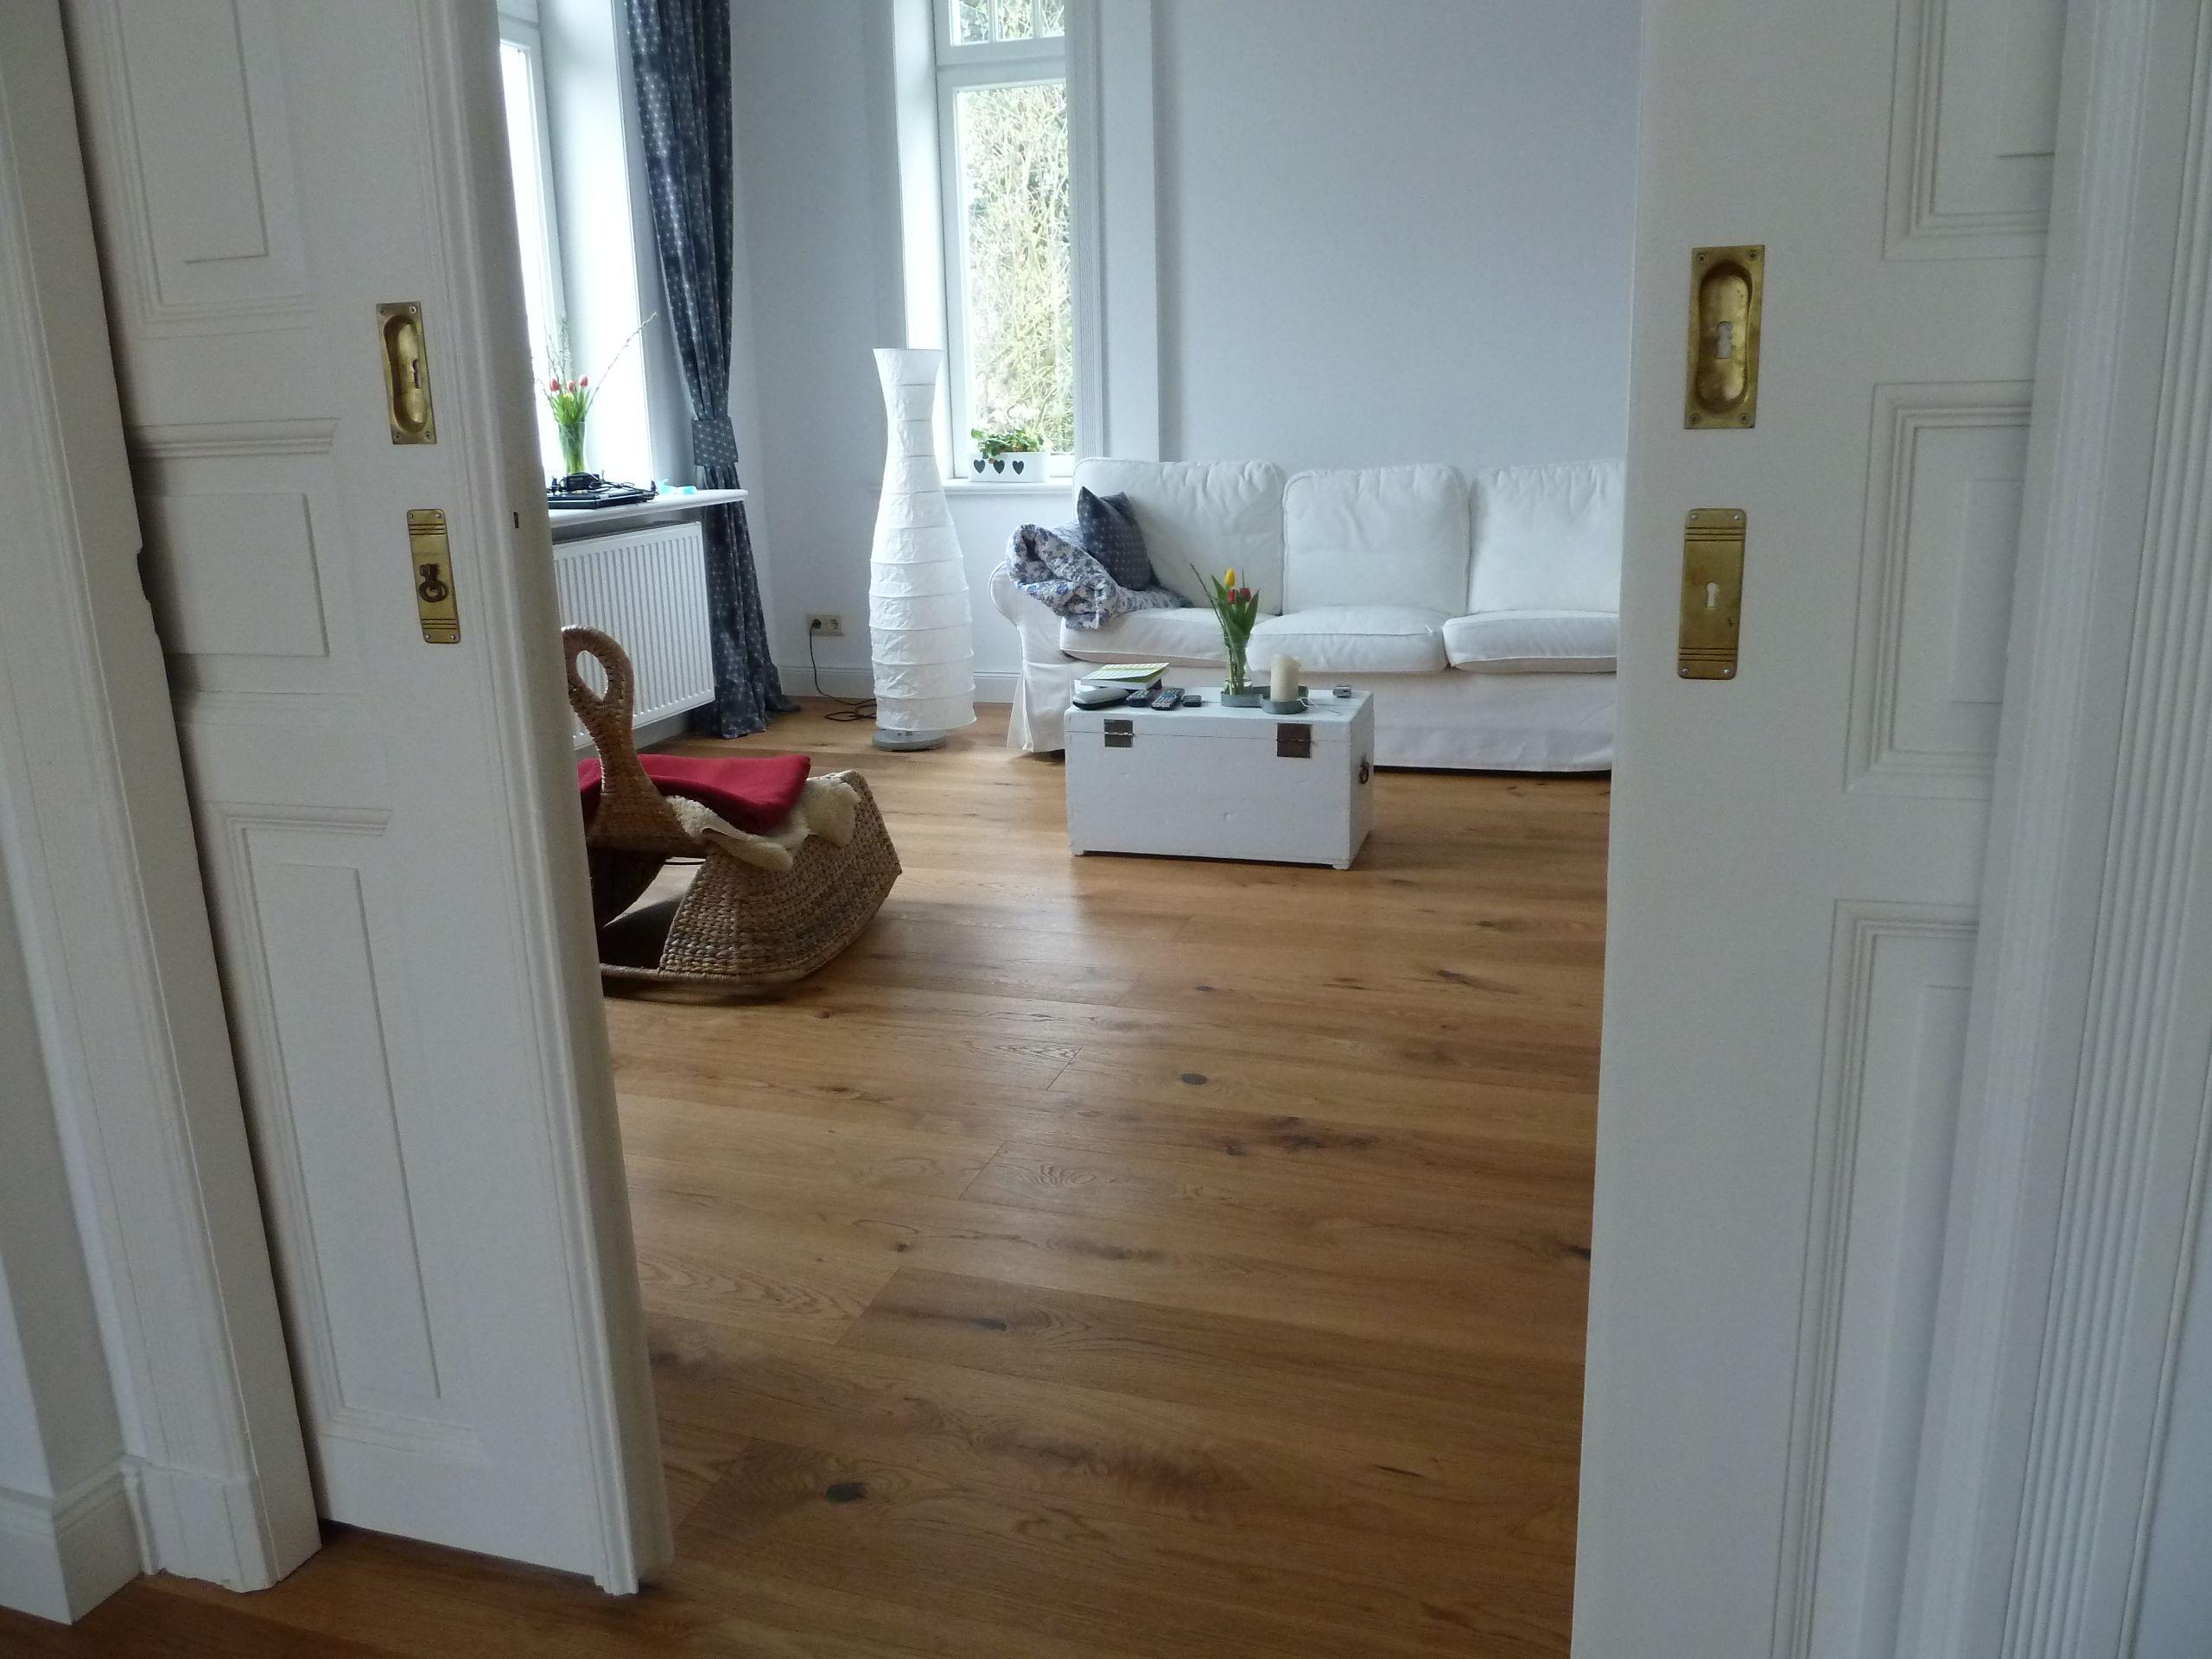 wohnzimmer mit schiebet r altbau pinterest wohnzimmer t ren und altbauten. Black Bedroom Furniture Sets. Home Design Ideas